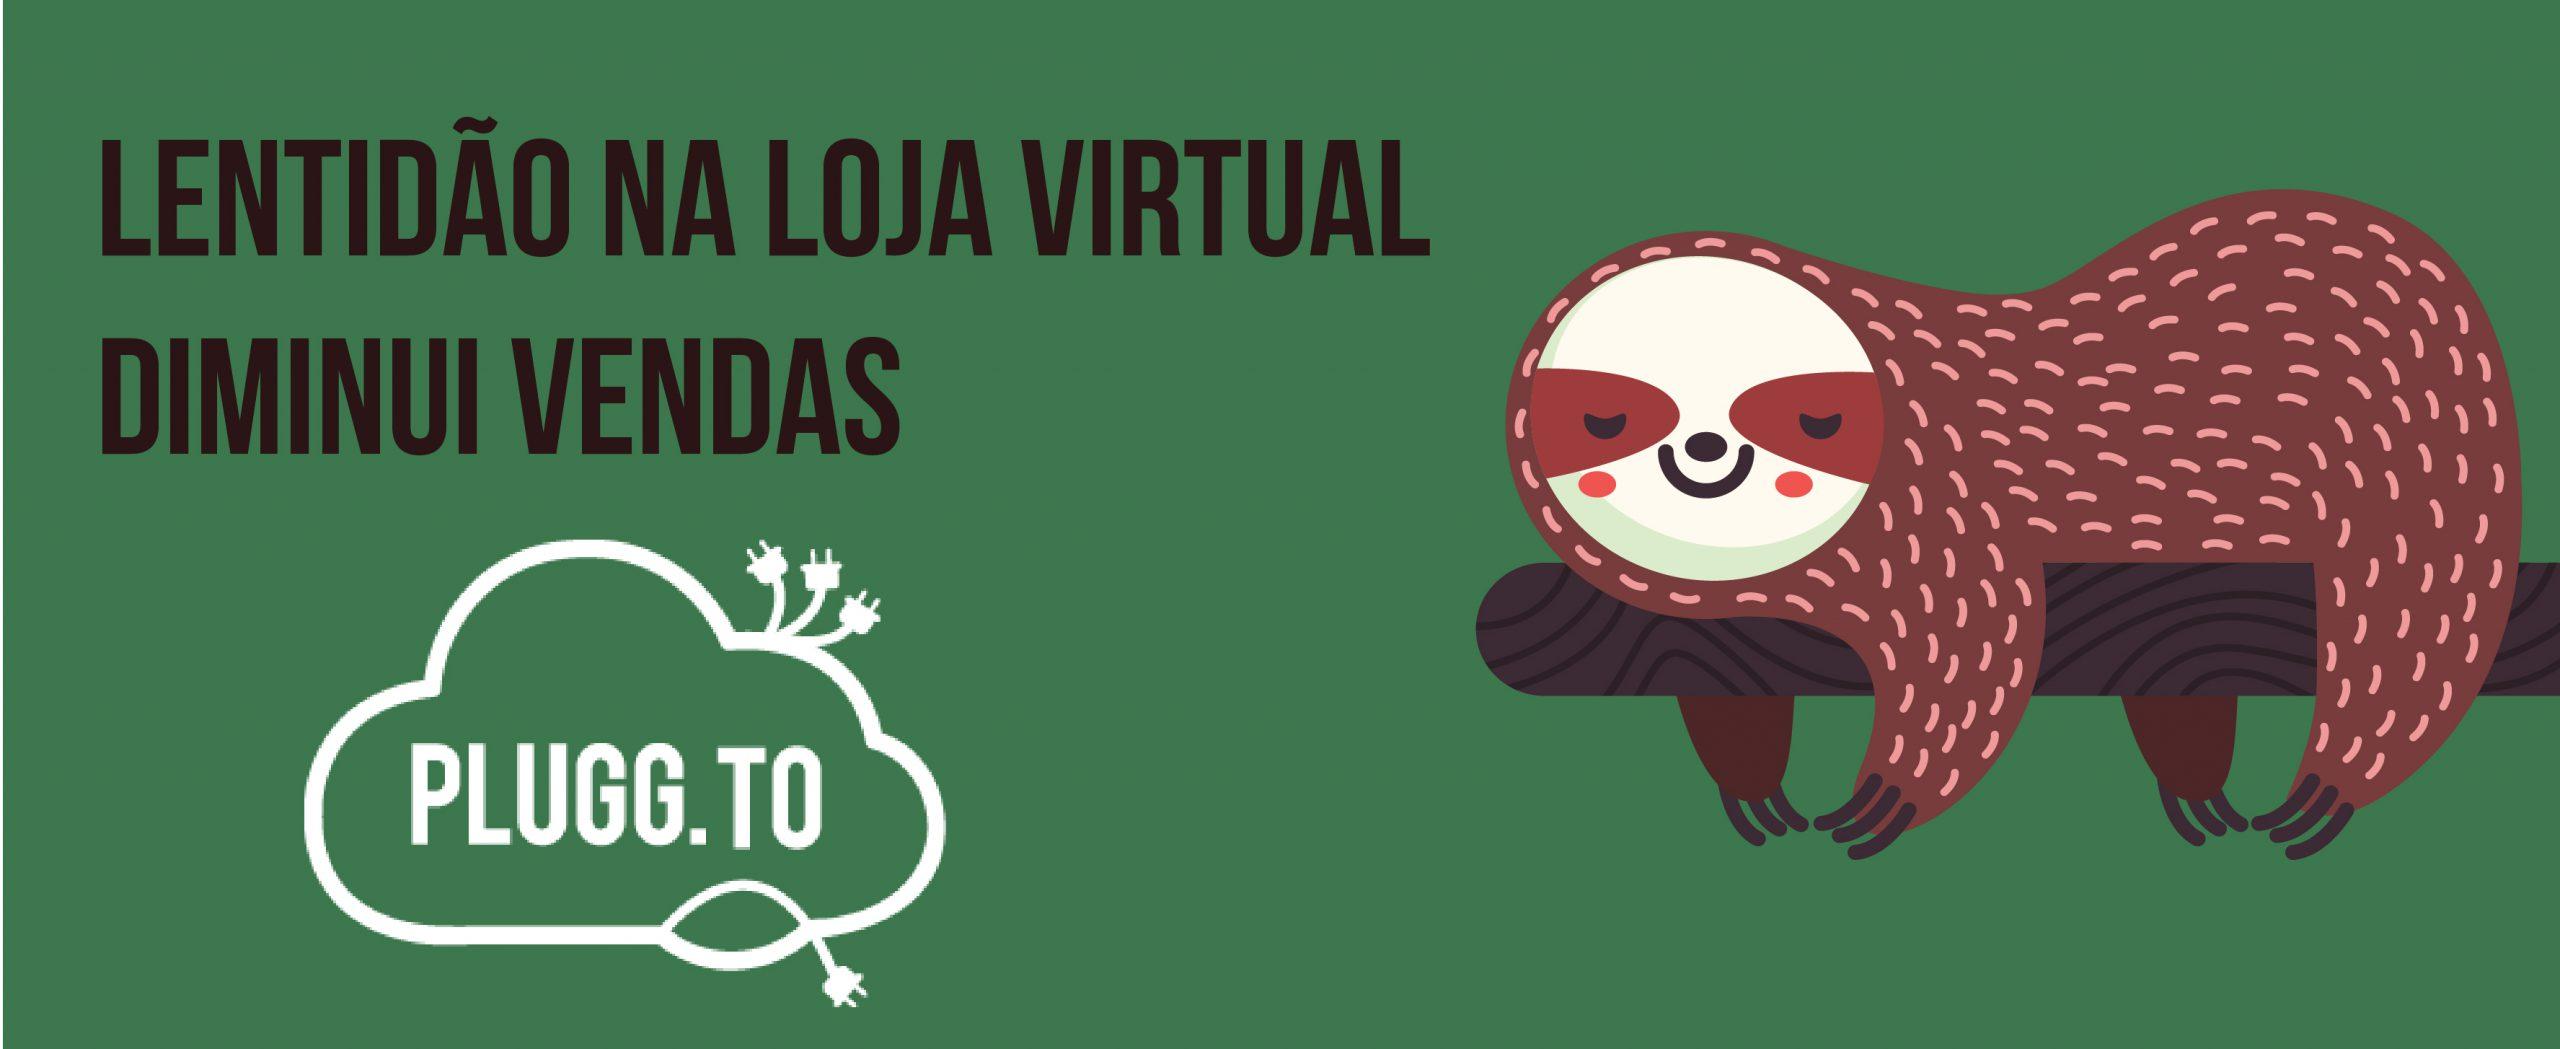 Lentidão na Loja Virtual diminui vendas